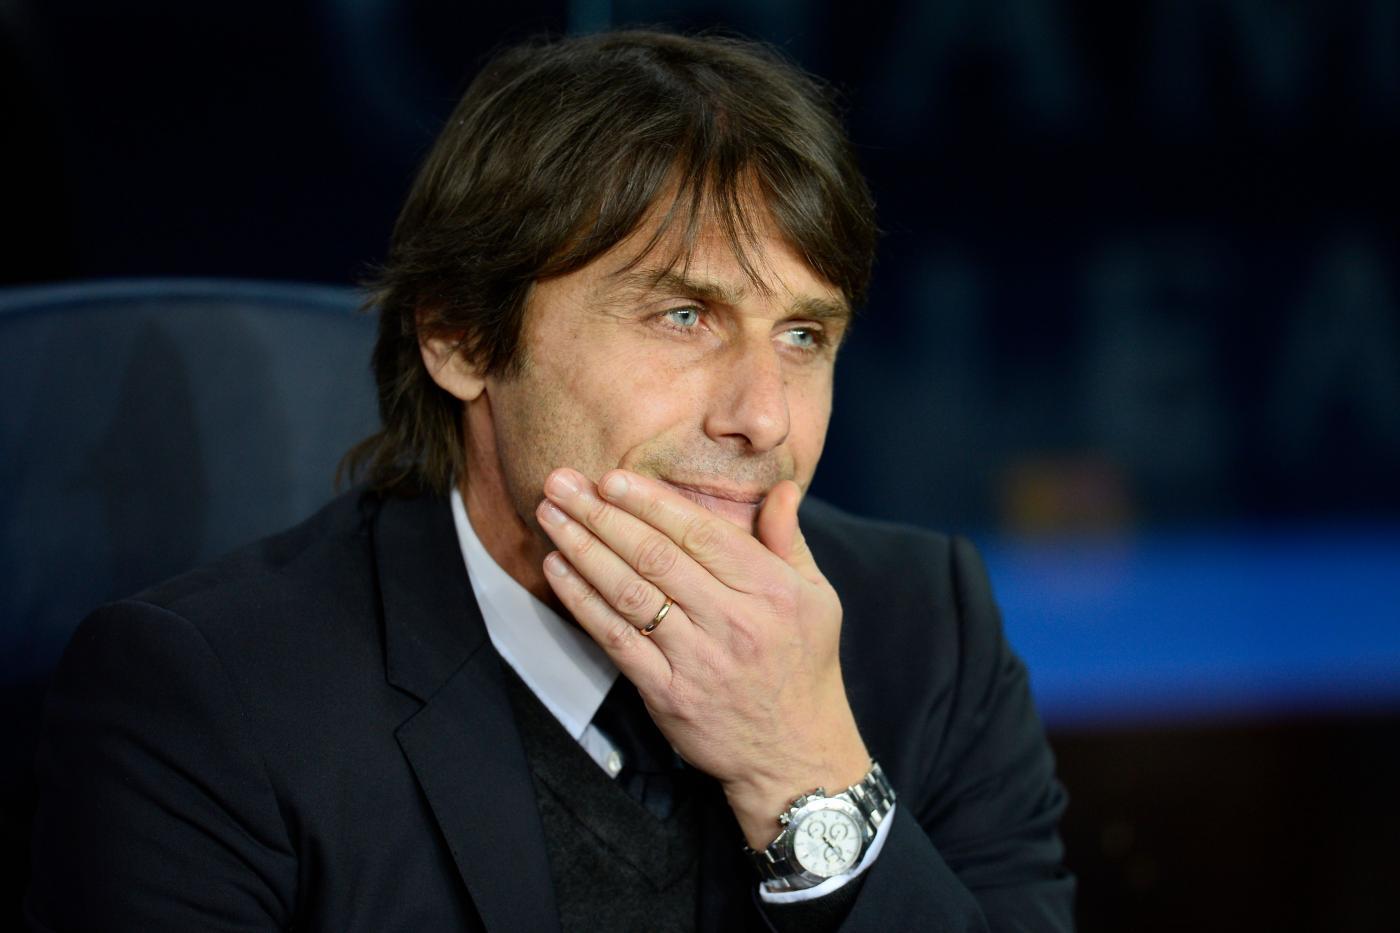 Calciomercato Inter, avanti tutta per Conte